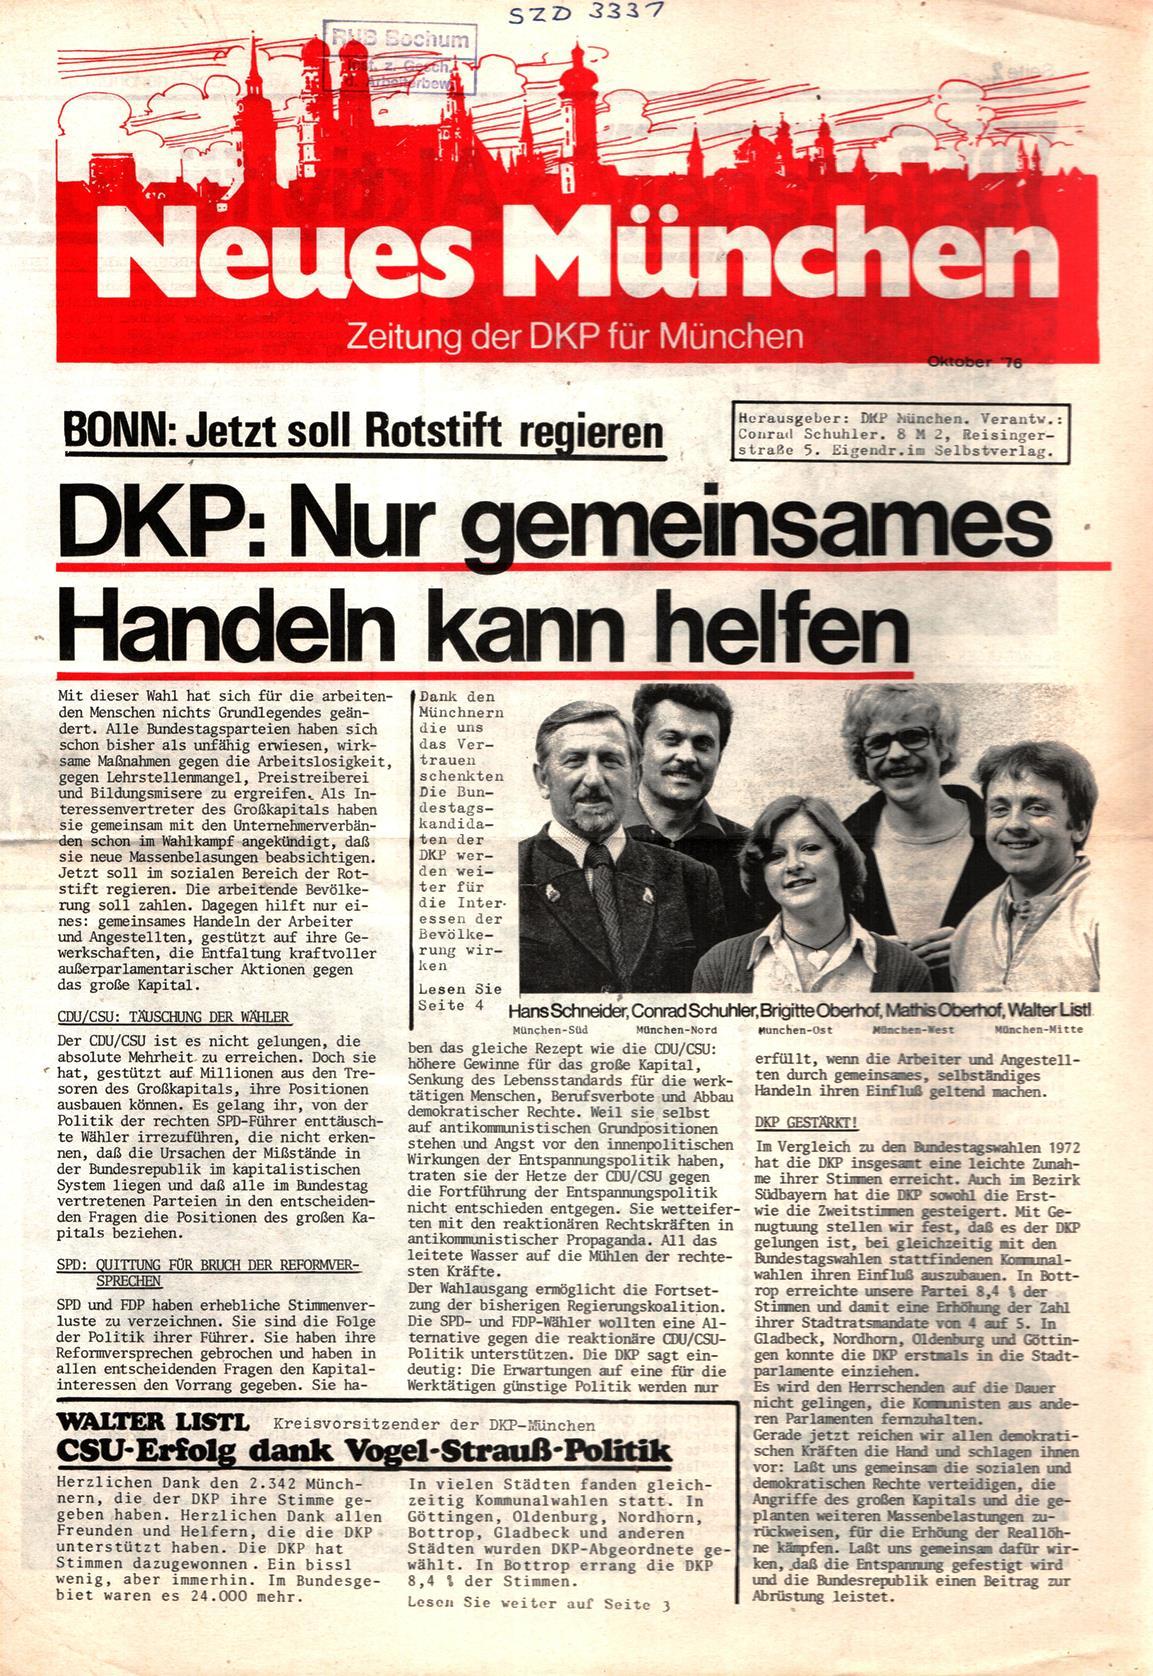 Muenchen_DKP_Neues_Muenchen_19761000_001